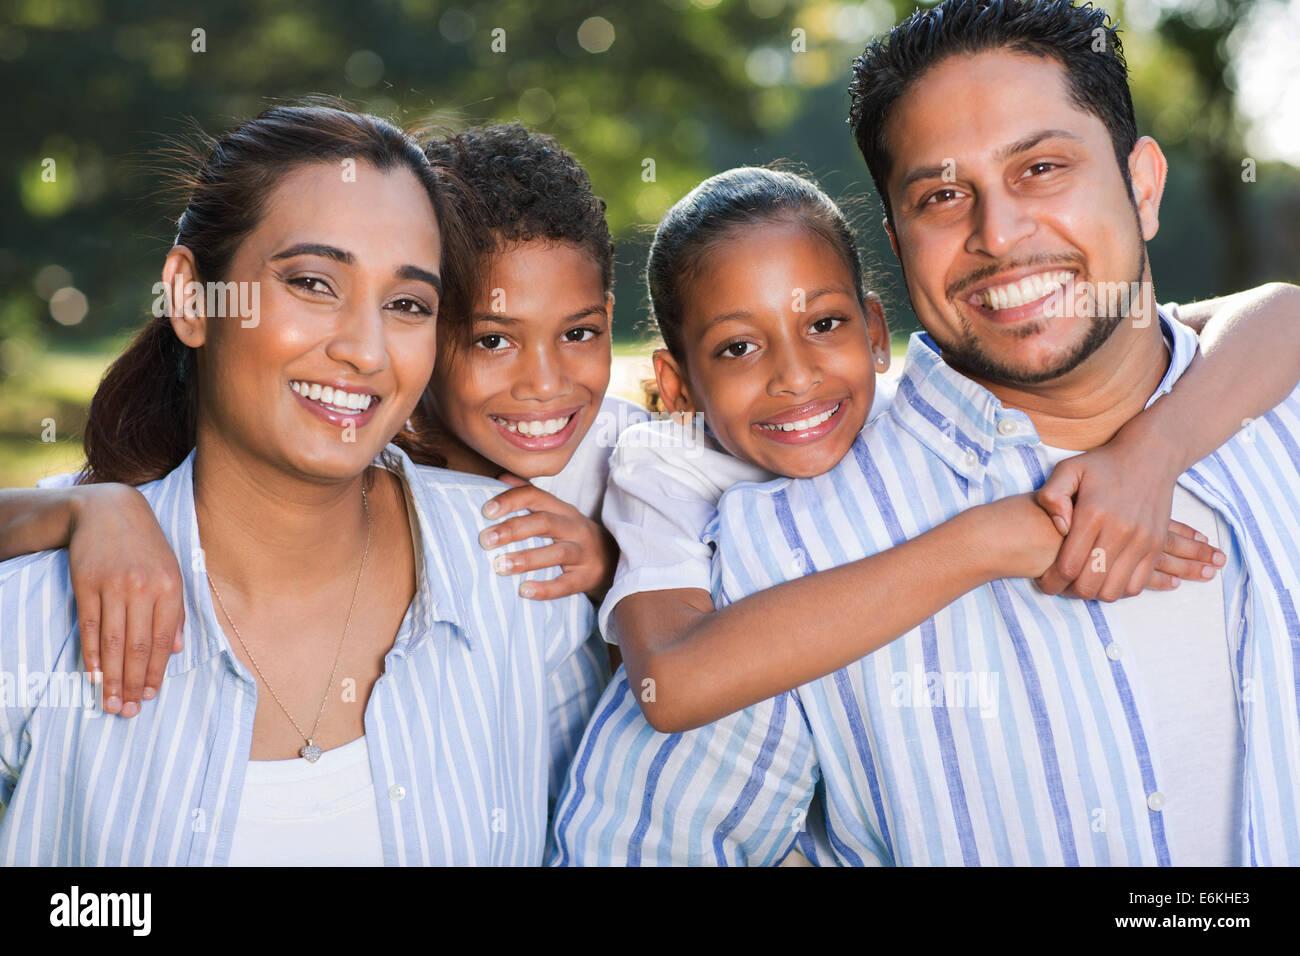 Ritratto di famiglia indiana divertendosi insieme all'aperto Immagini Stock